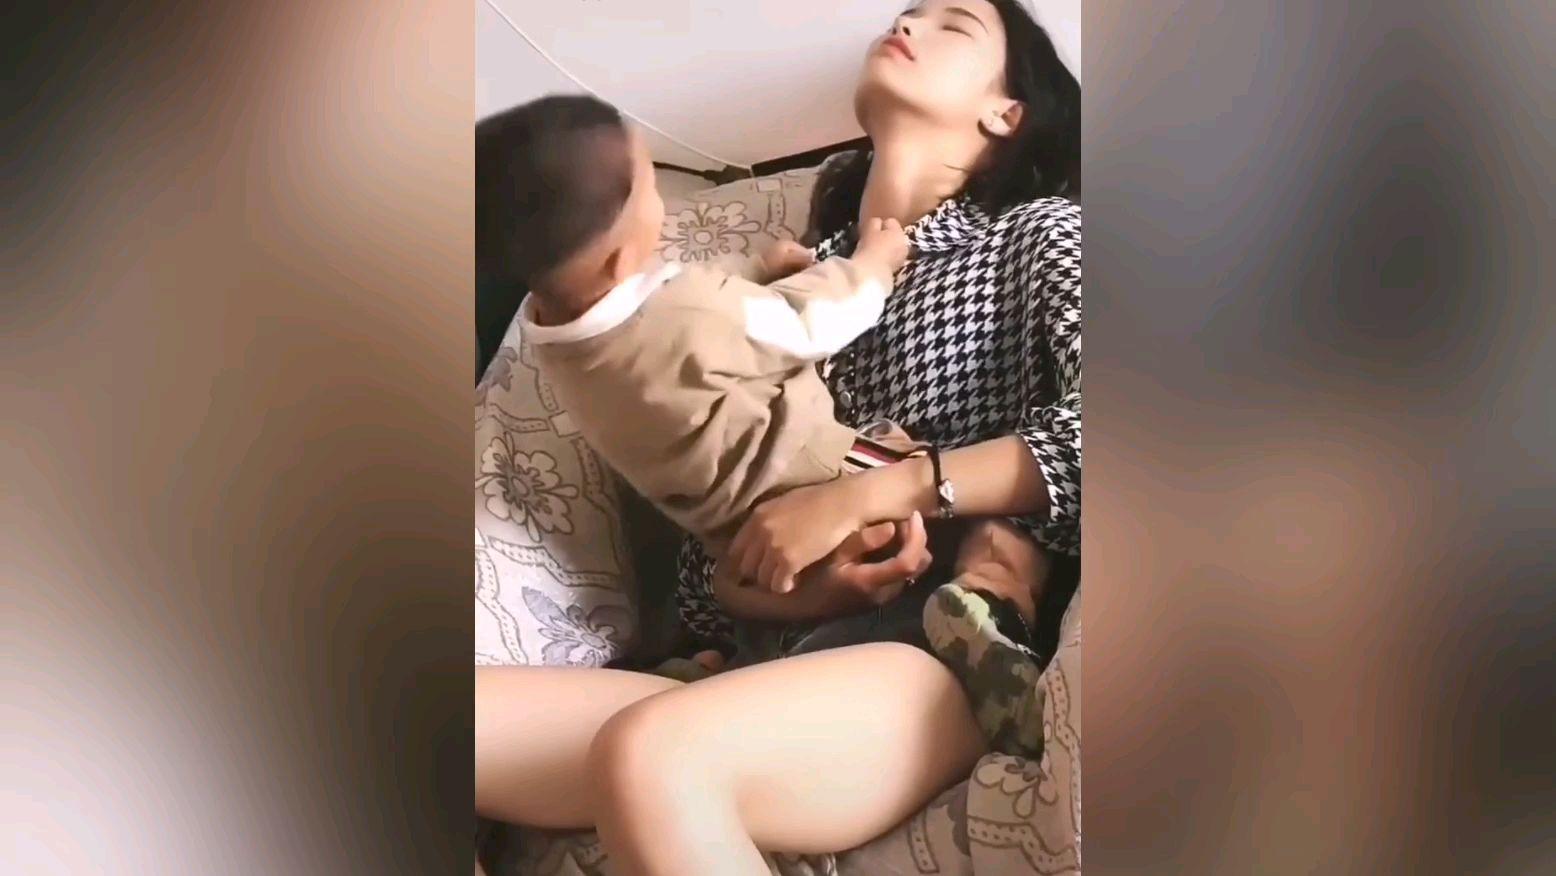 ★求投五蕉★网络上常见的热门短视频 一百五十期 儿子为什么总喜欢和小姨子一起玩